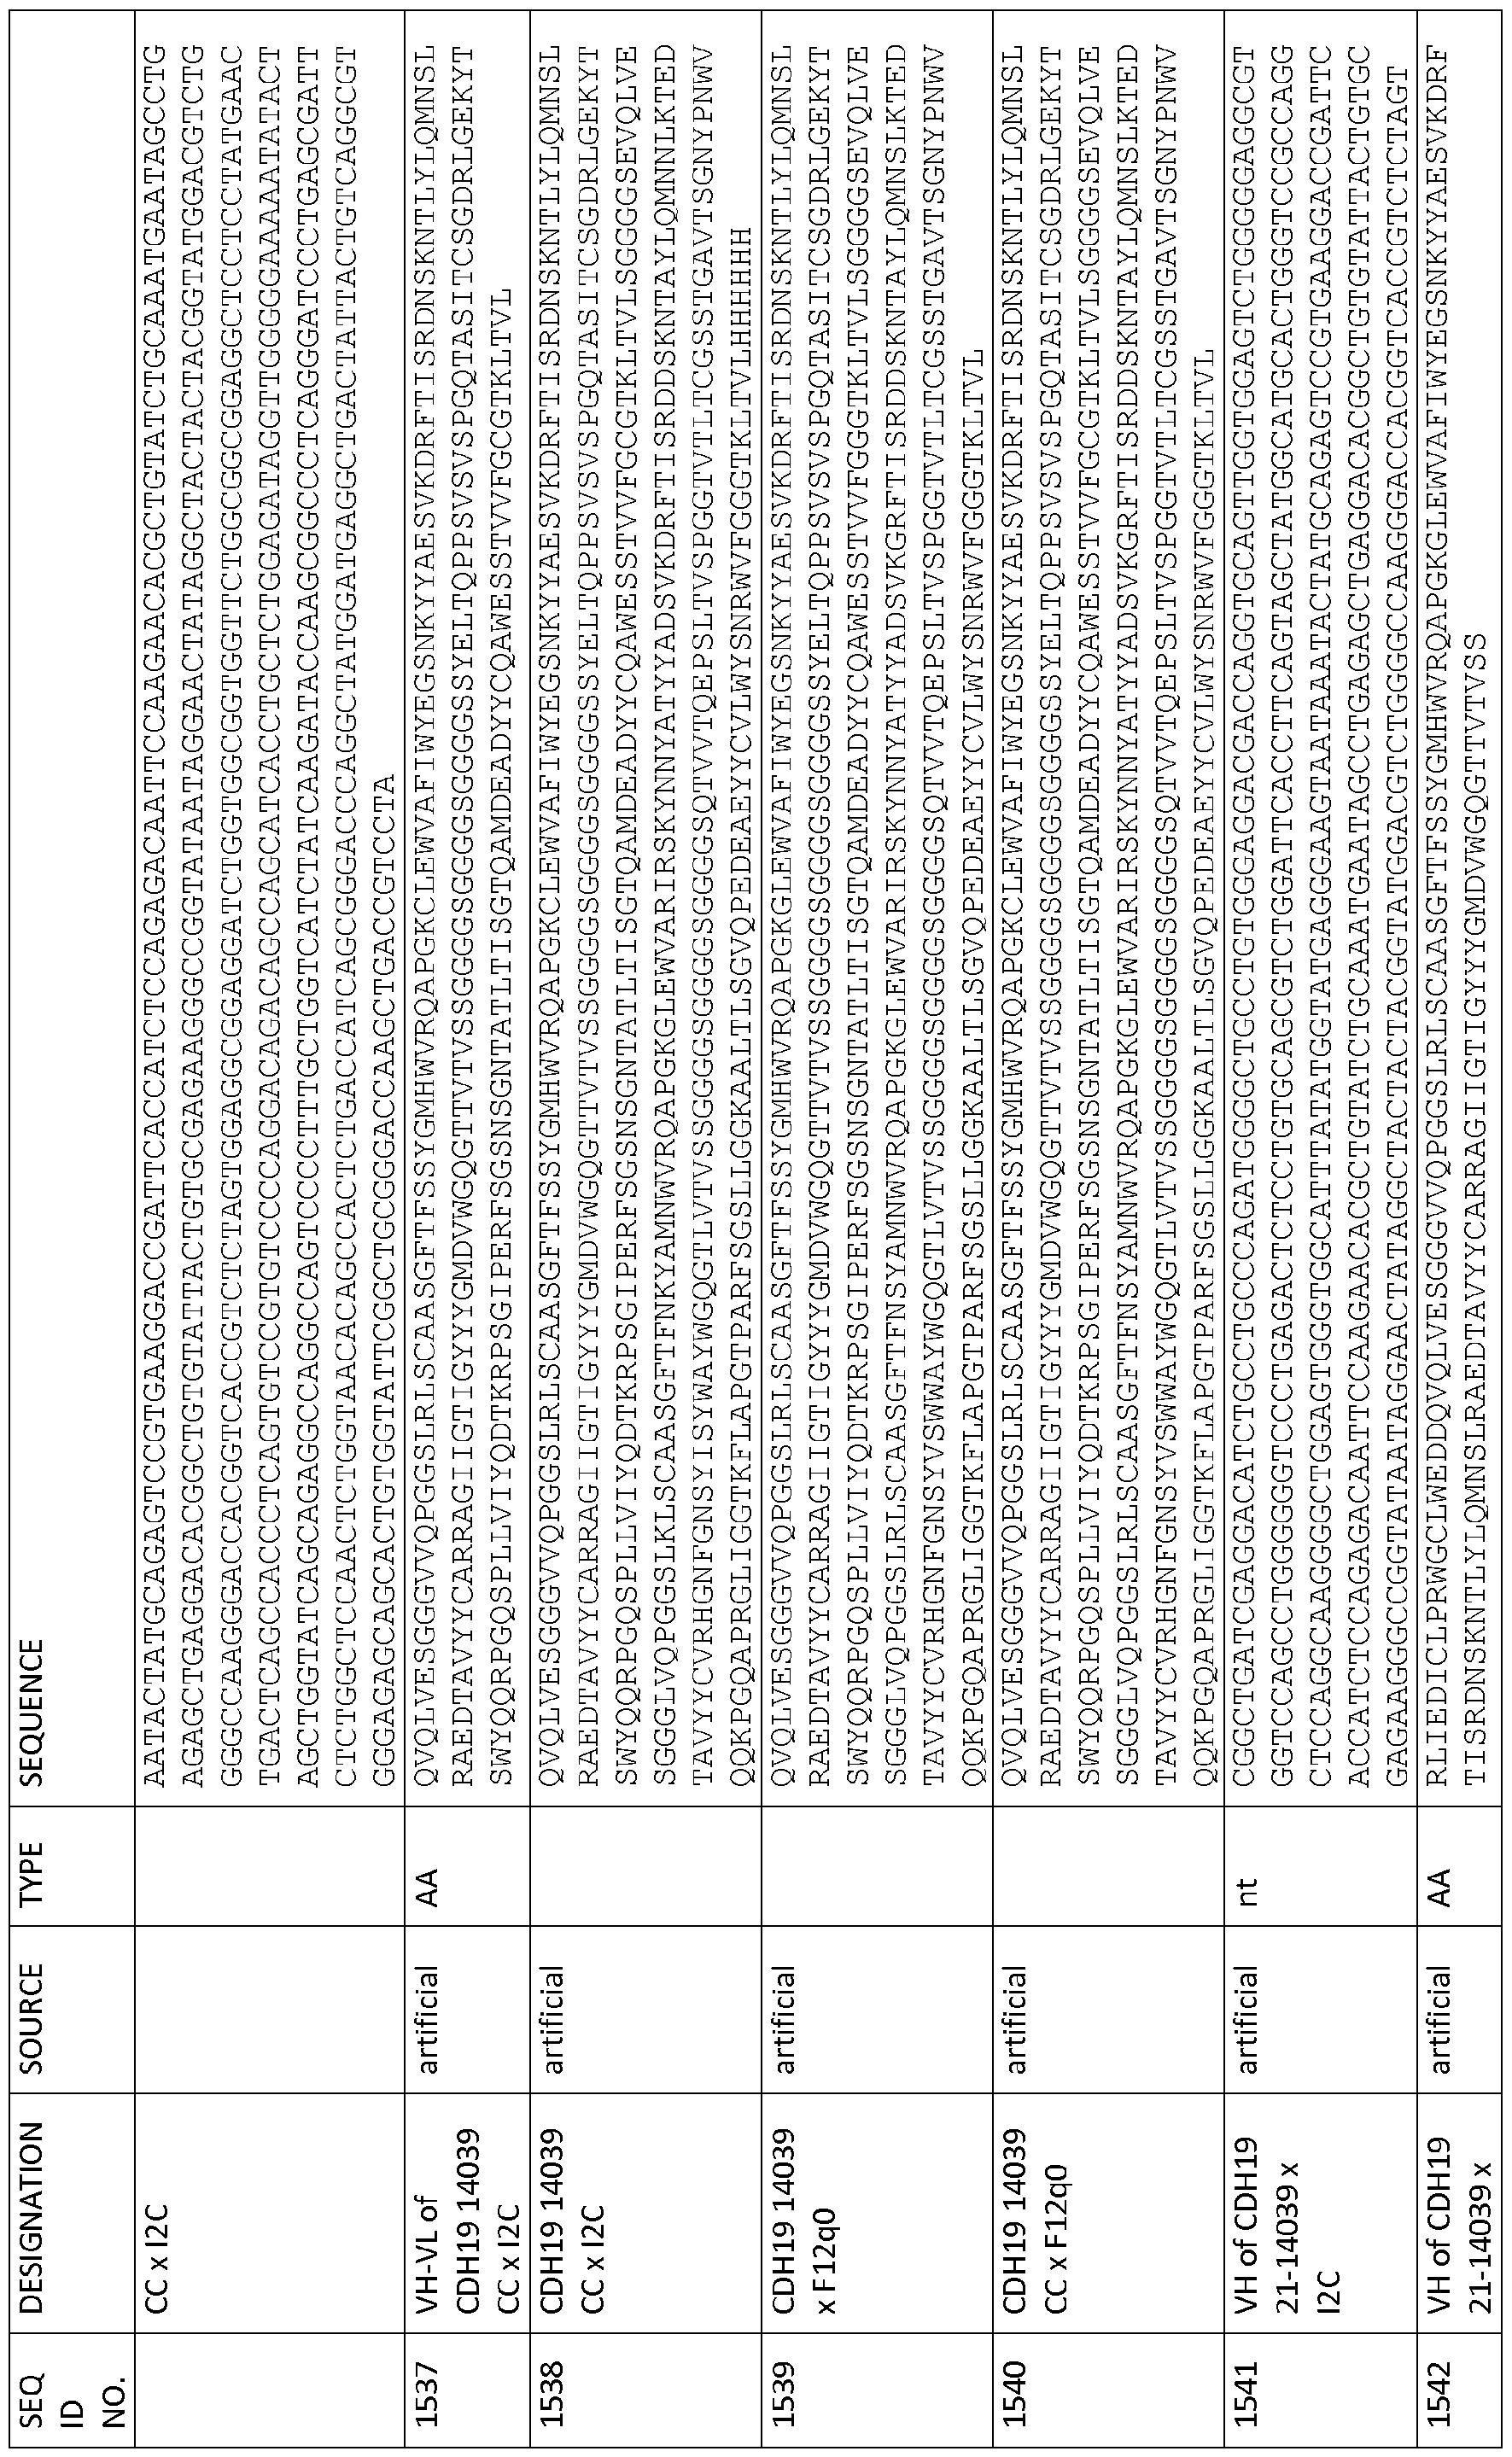 Figure imgf000288_0001